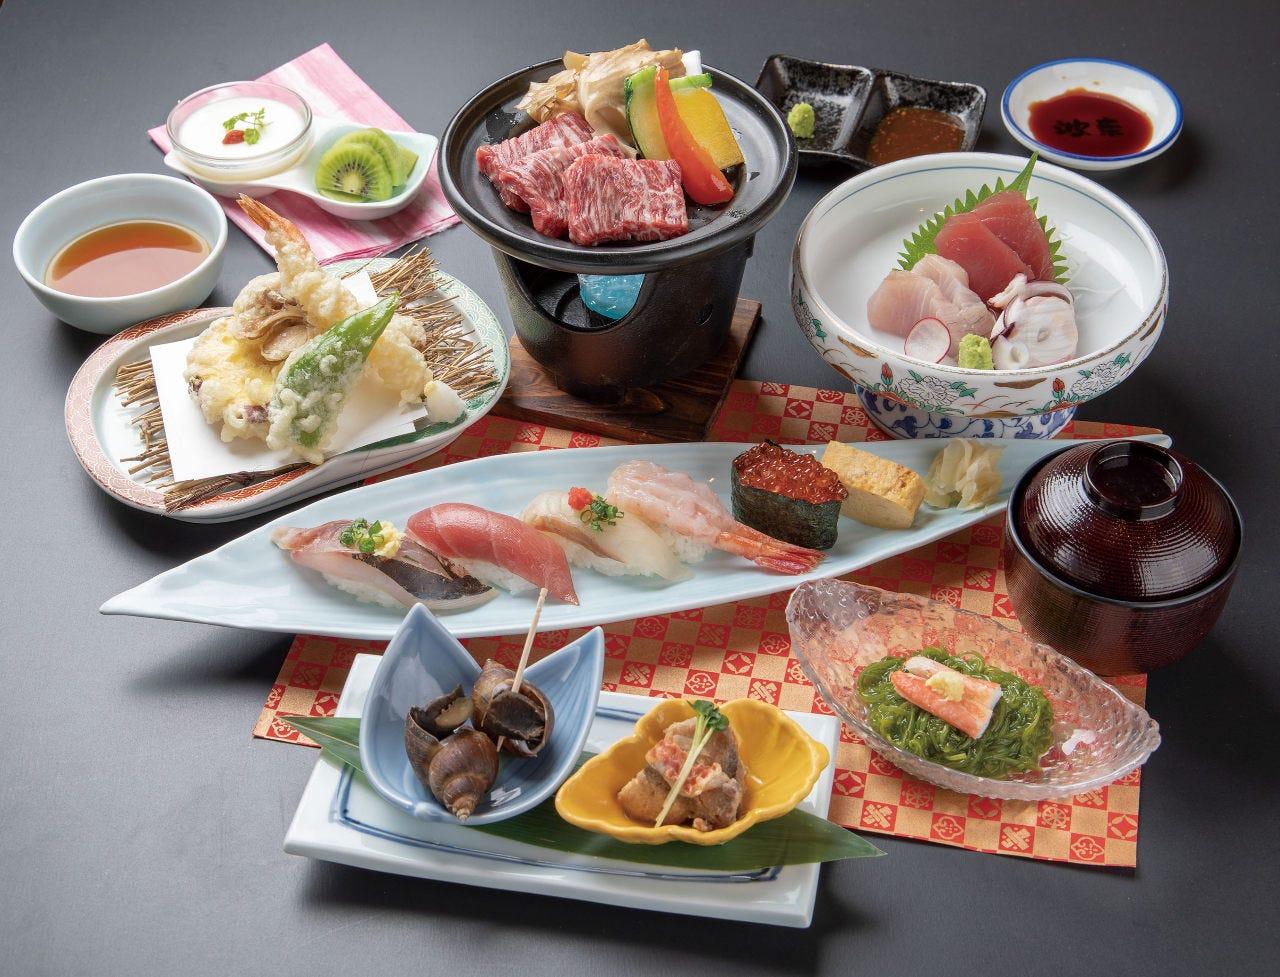 一押しコース《すし会席》  漢方牛鉄板焼きとお寿司で舌鼓